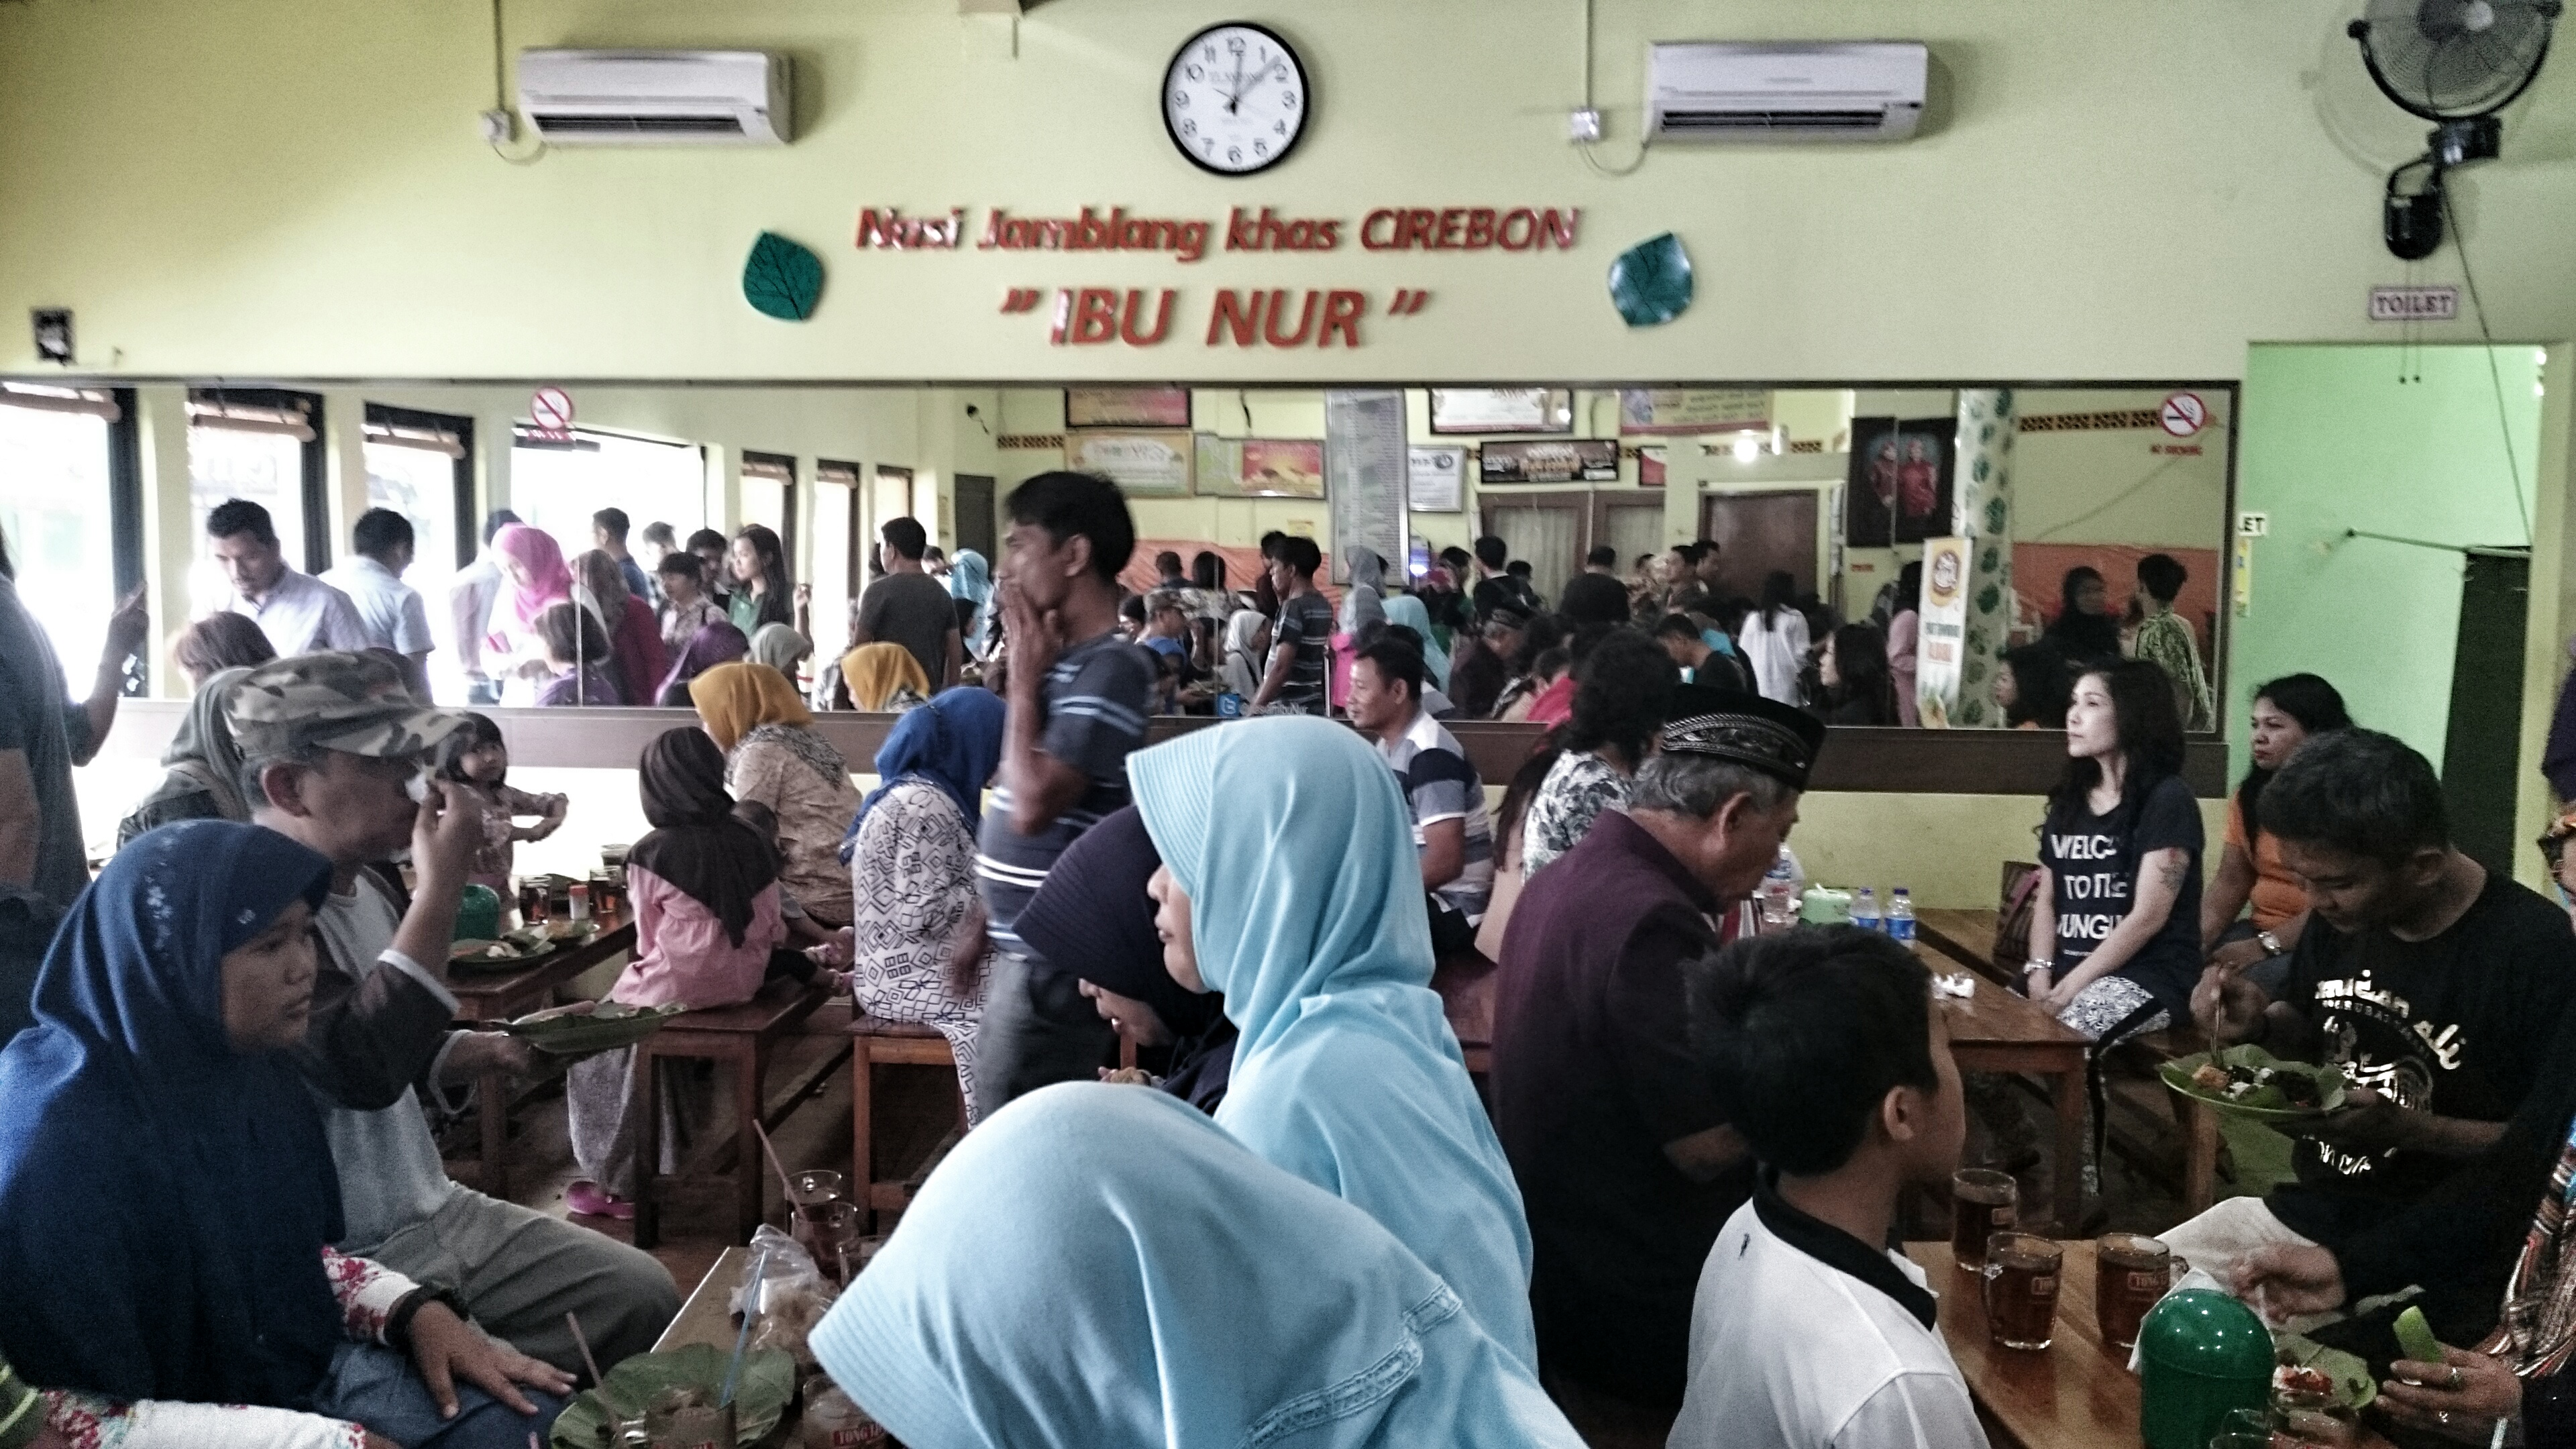 Lupa Kolesterol Di Cirebon Males Mandi